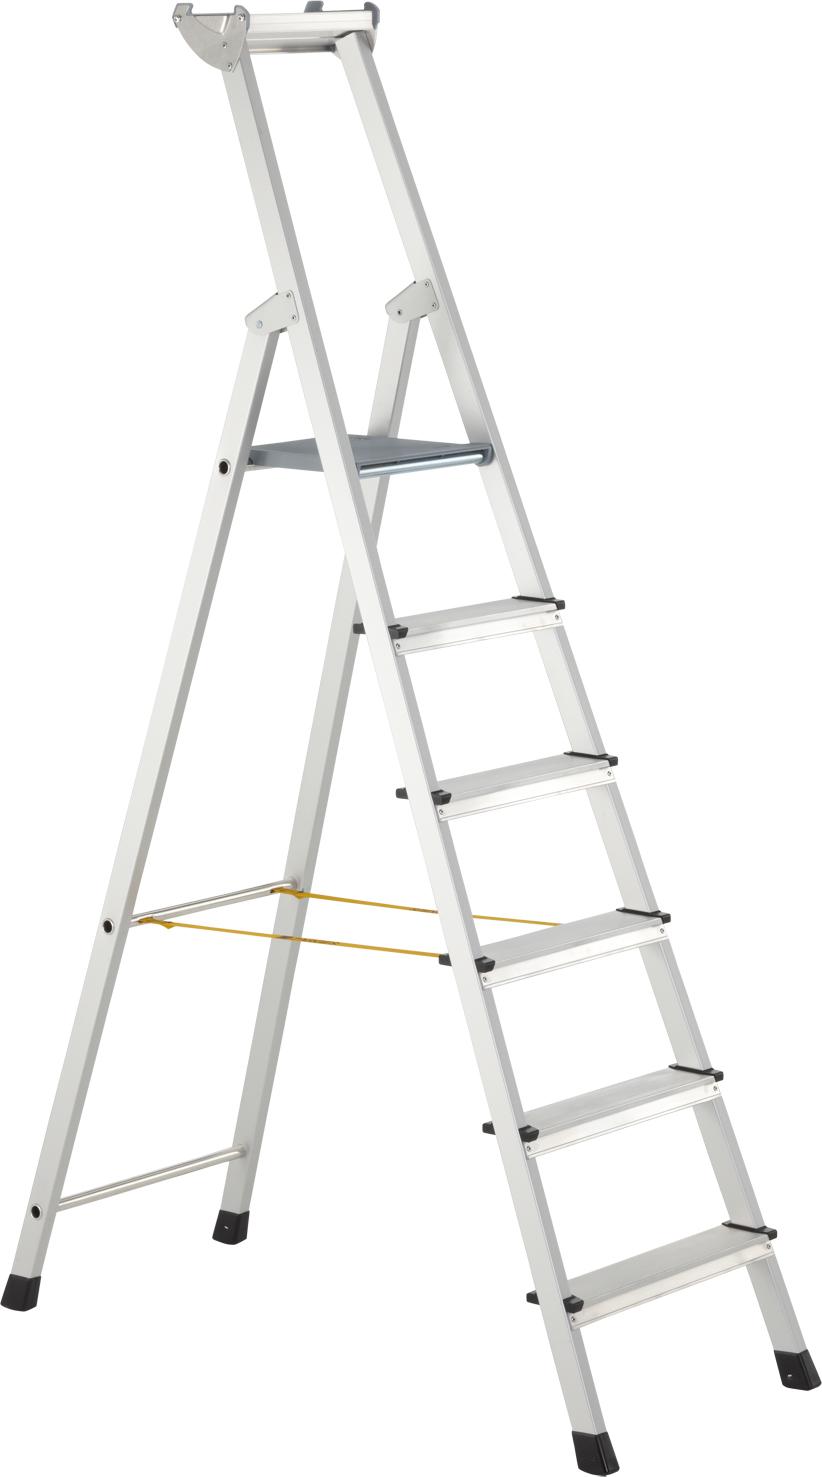 ZARGES Stufen Stehleiter XLstep S - 6 Stufen